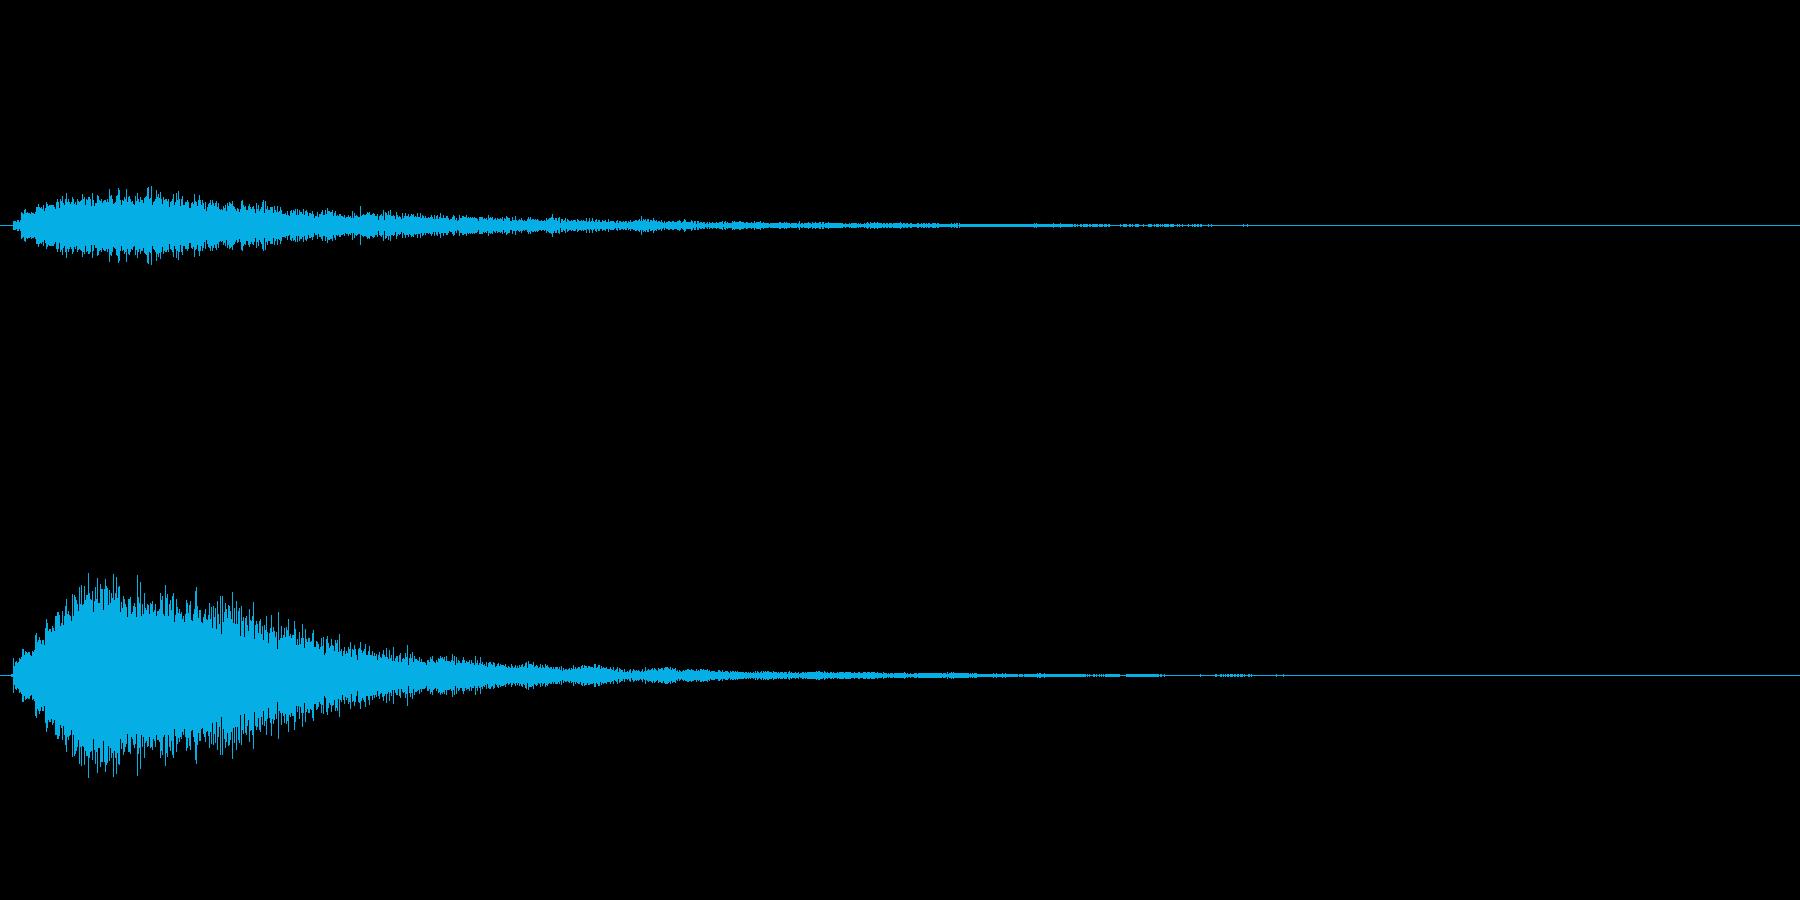 キラキラ系_035の再生済みの波形